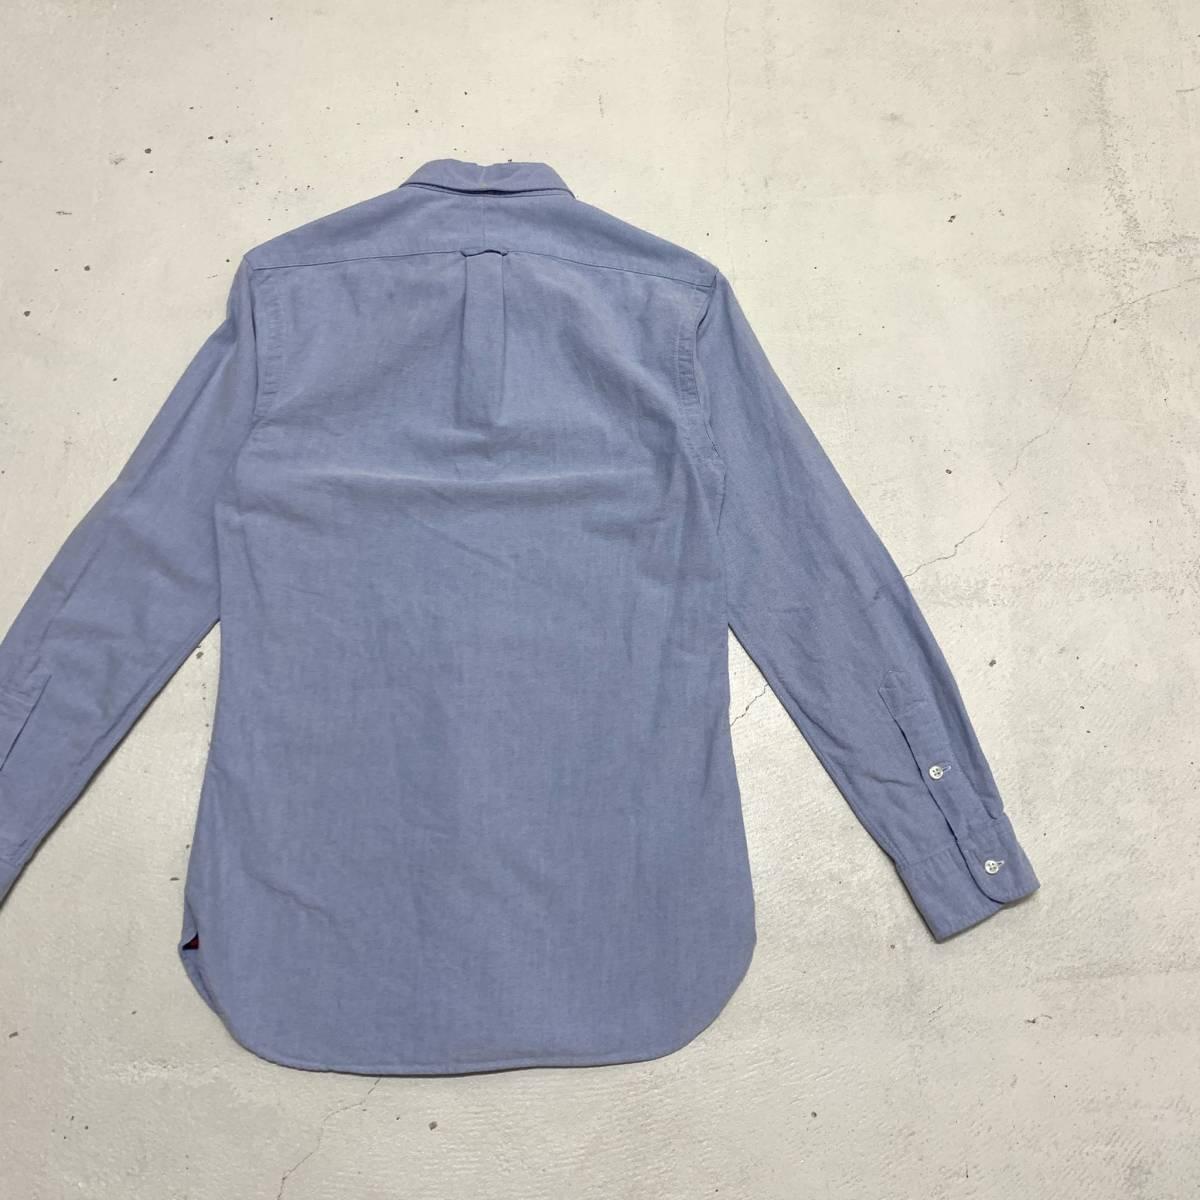 ラルフ ローレン Ralph Lauren オックスフォード シャツ Sサイズ SLIM FIT ブルー マチ付き 長袖 古着 ボタンダウン_画像6